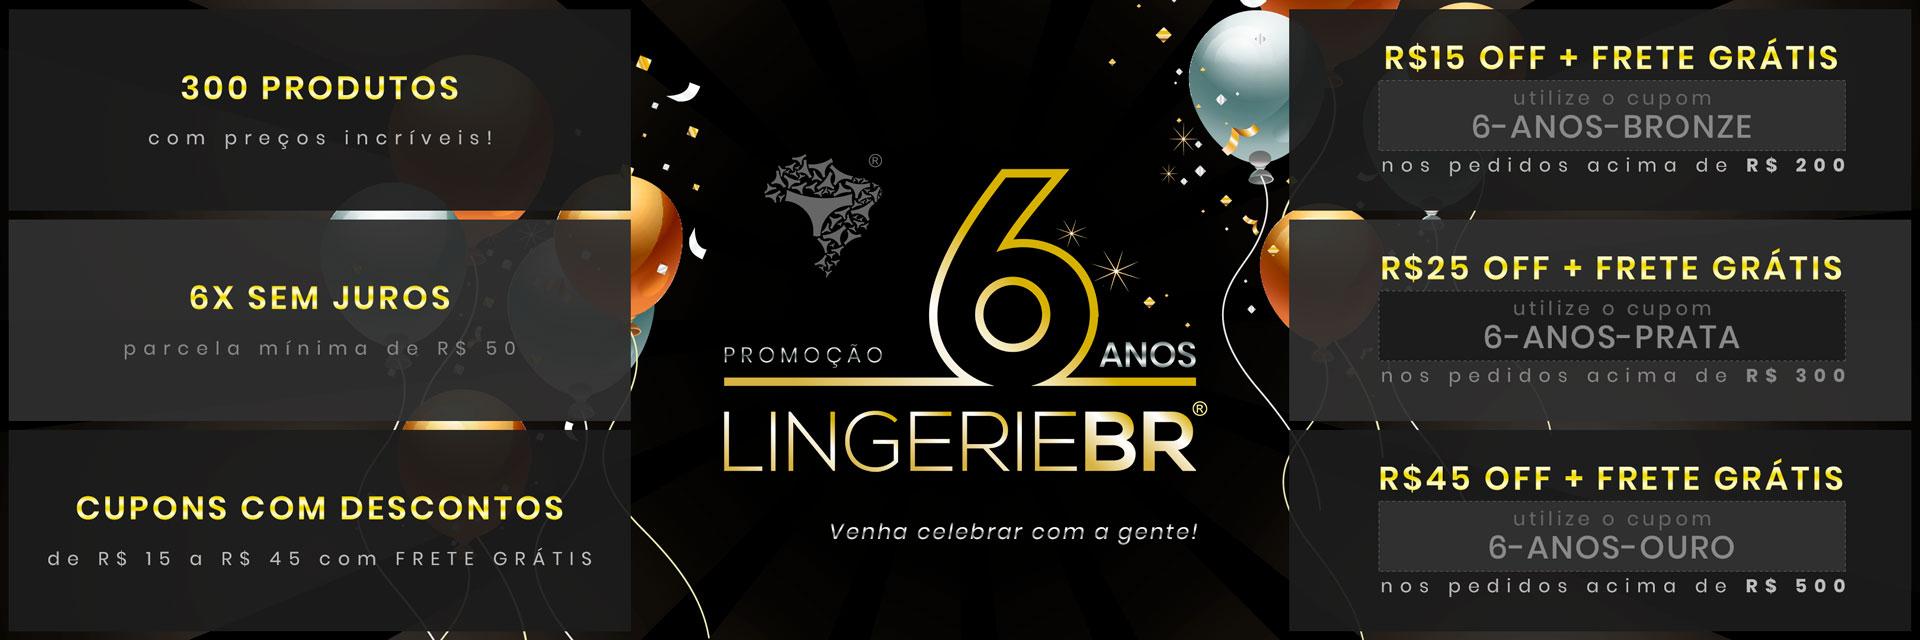 Aniversário Lingerie BR 2019 - Semana 1